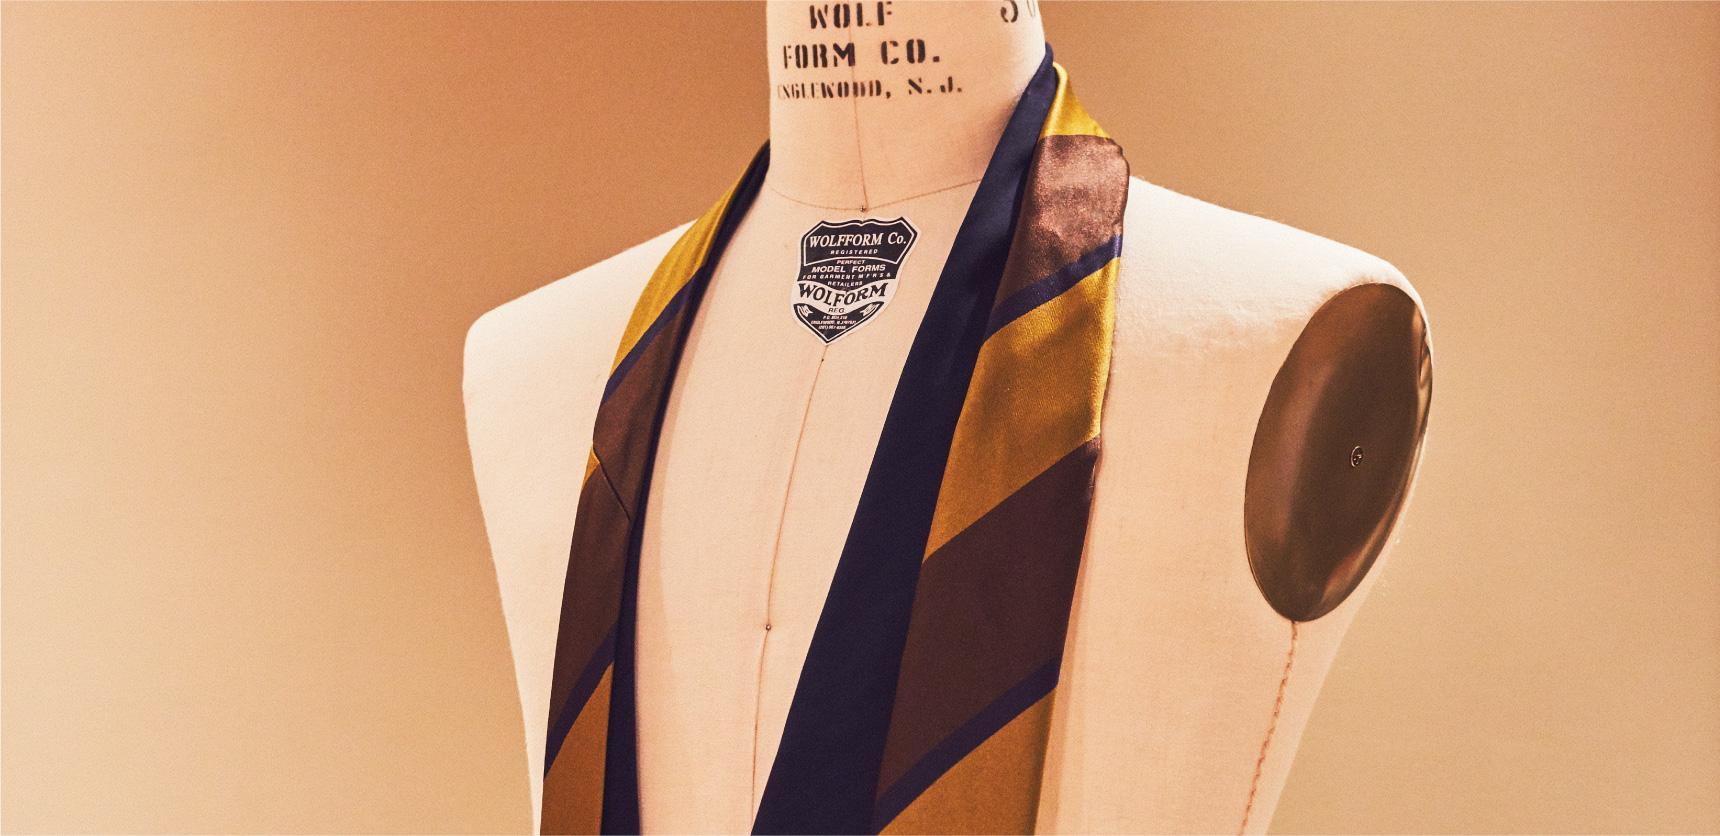 セッテピエゲで有名なAtto Vannucci(アット・ヴァンヌッチ)のネクタイをTHE G'S HIDEOUT.(ザ・ジーズ・ハイドアウト)で購入いただけます。